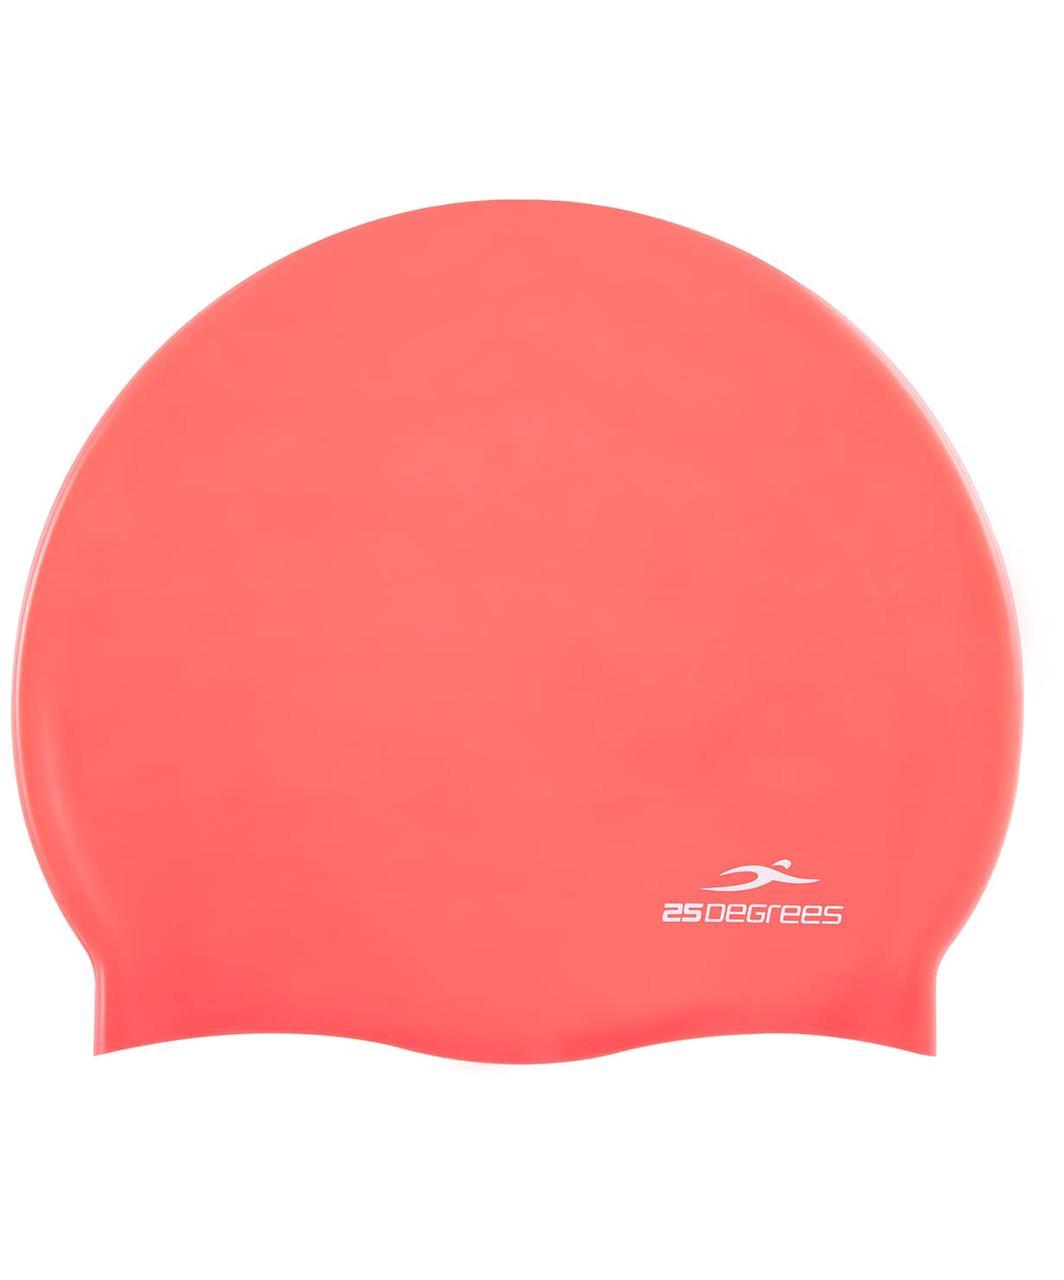 Шапочка для плавания Nuance Pink, силикон 25Degrees